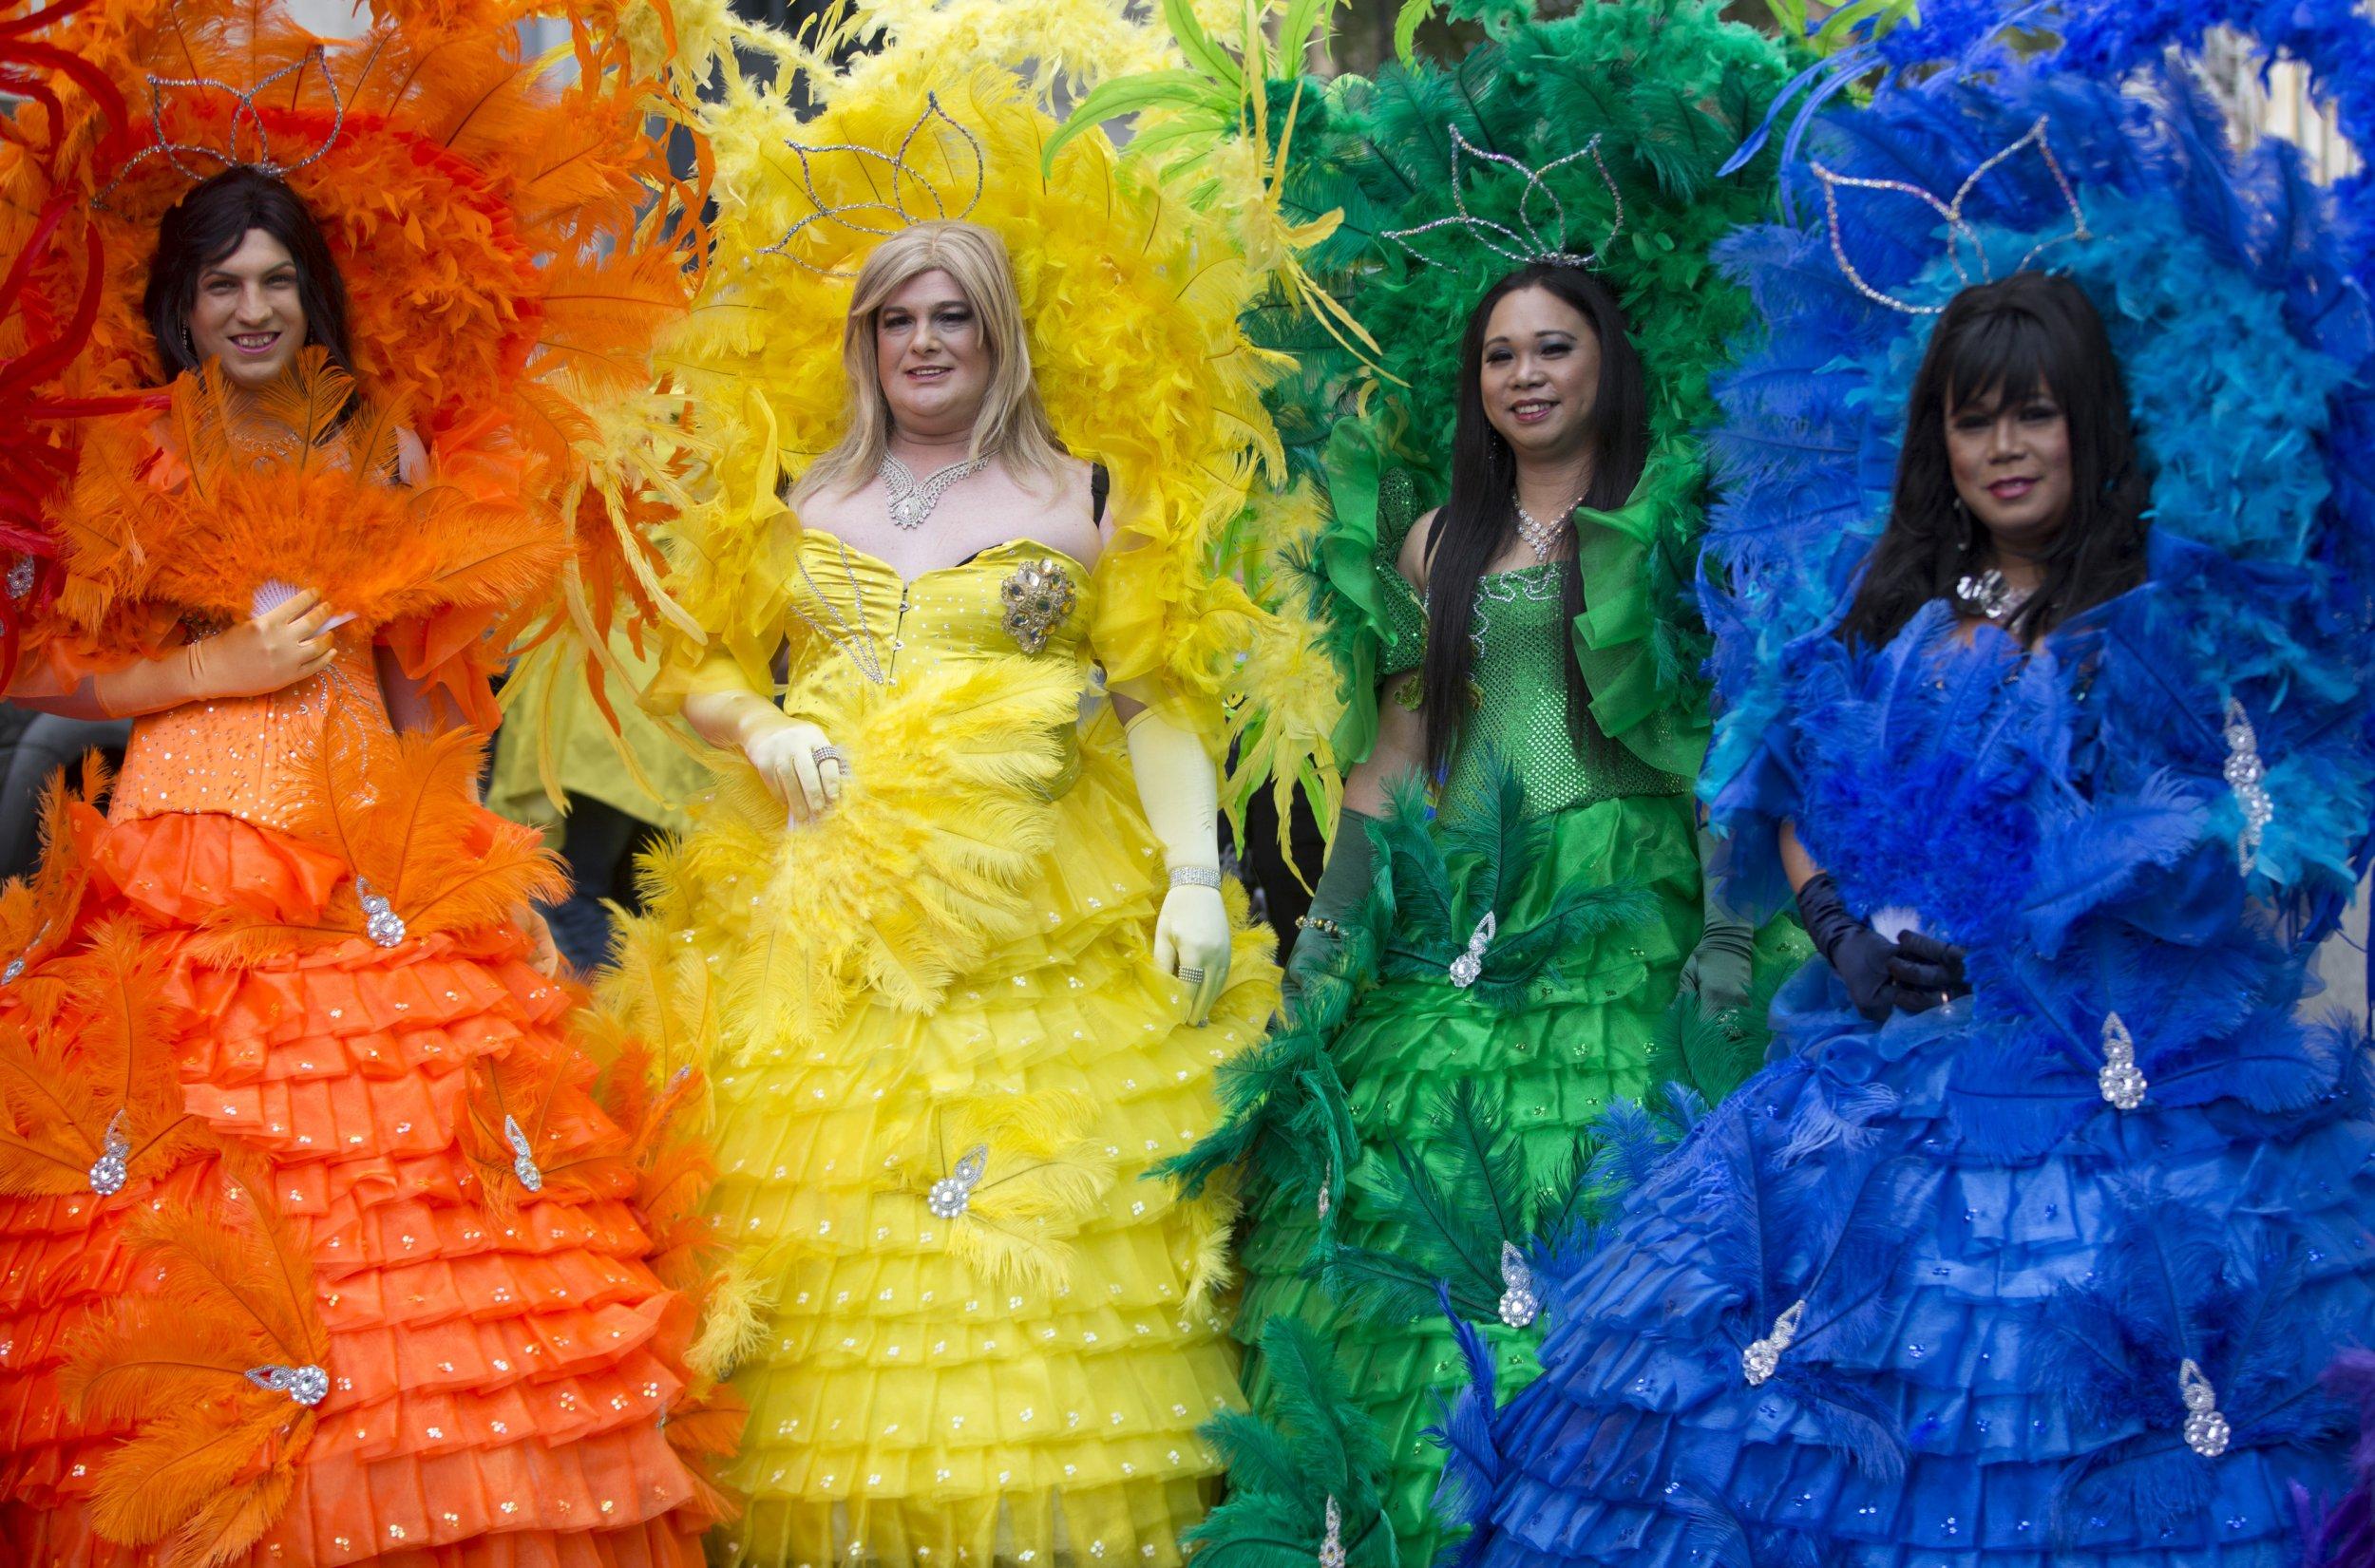 LGBT pride activists